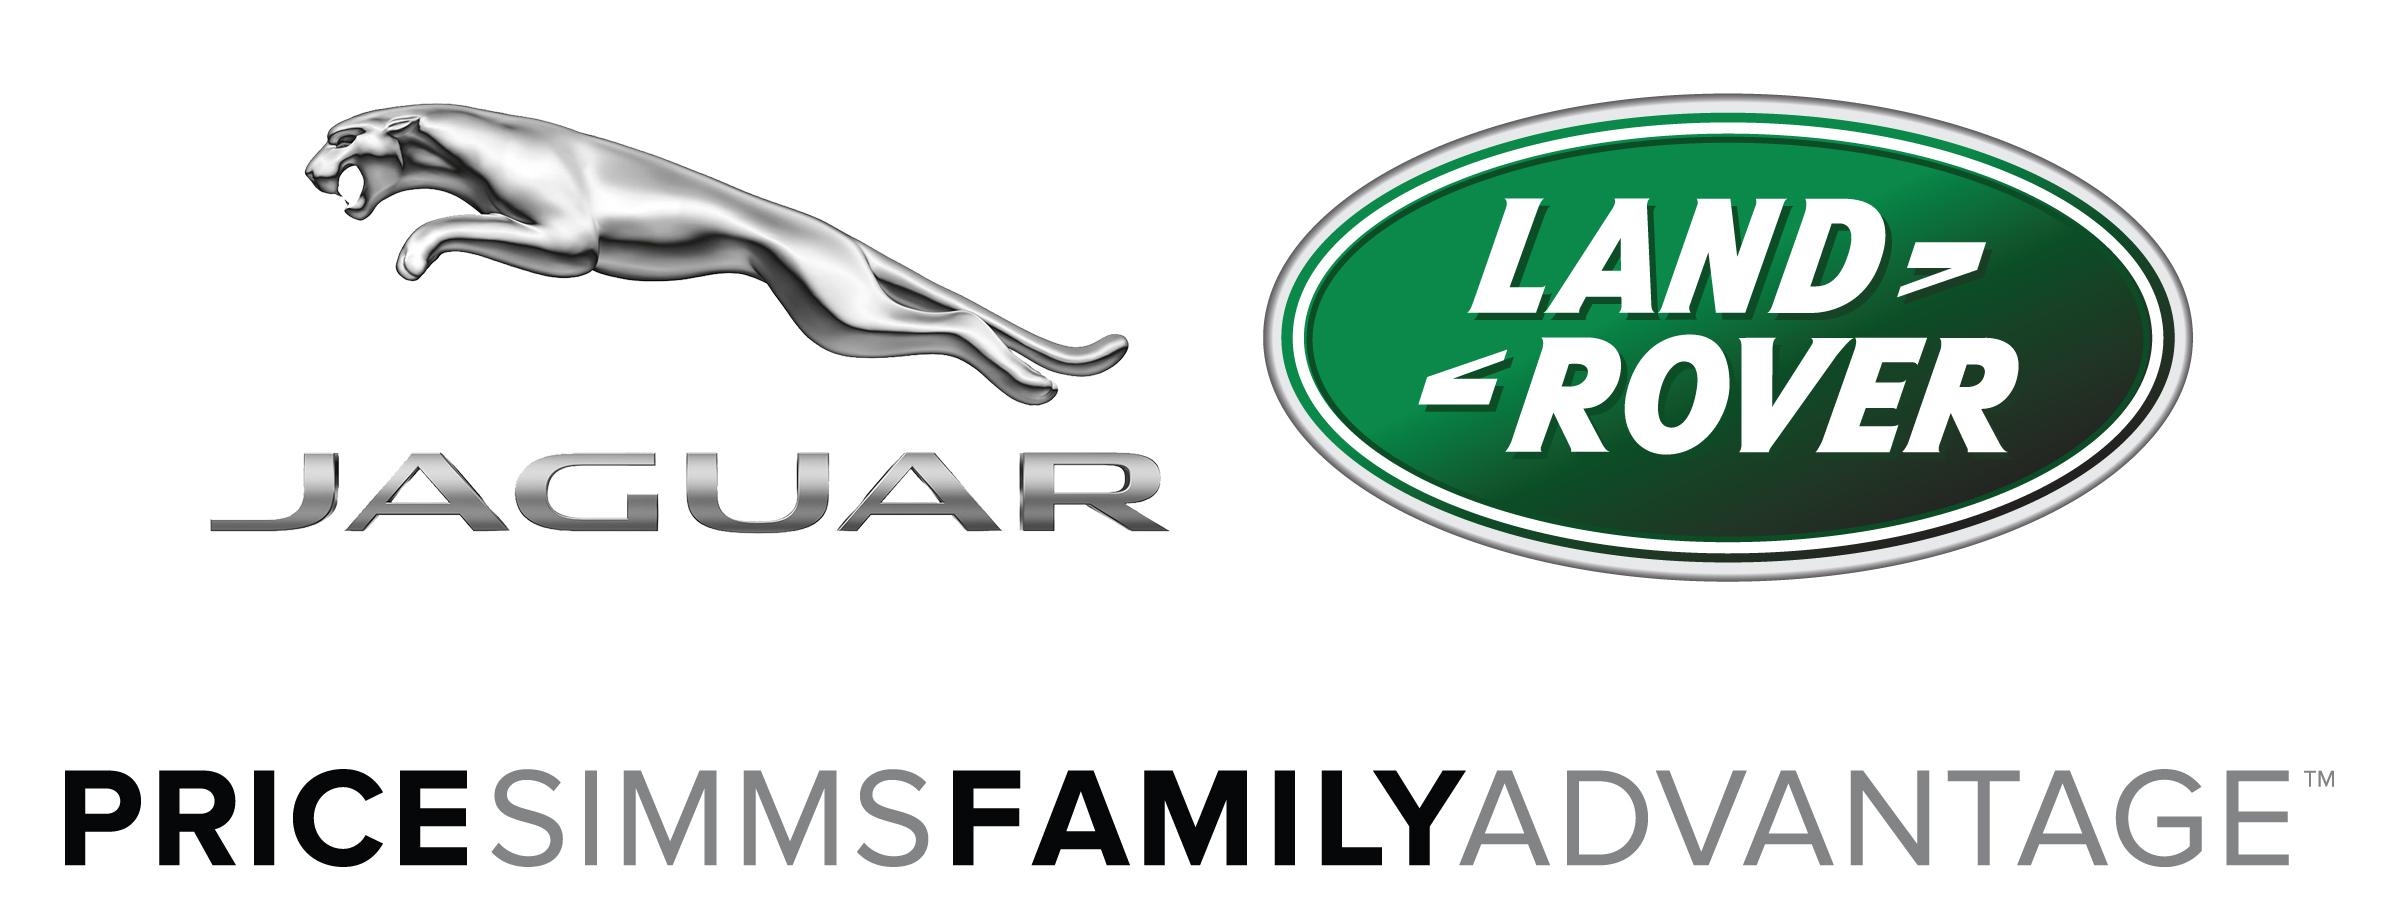 MLC PSFA Two Brand Logo.jpg